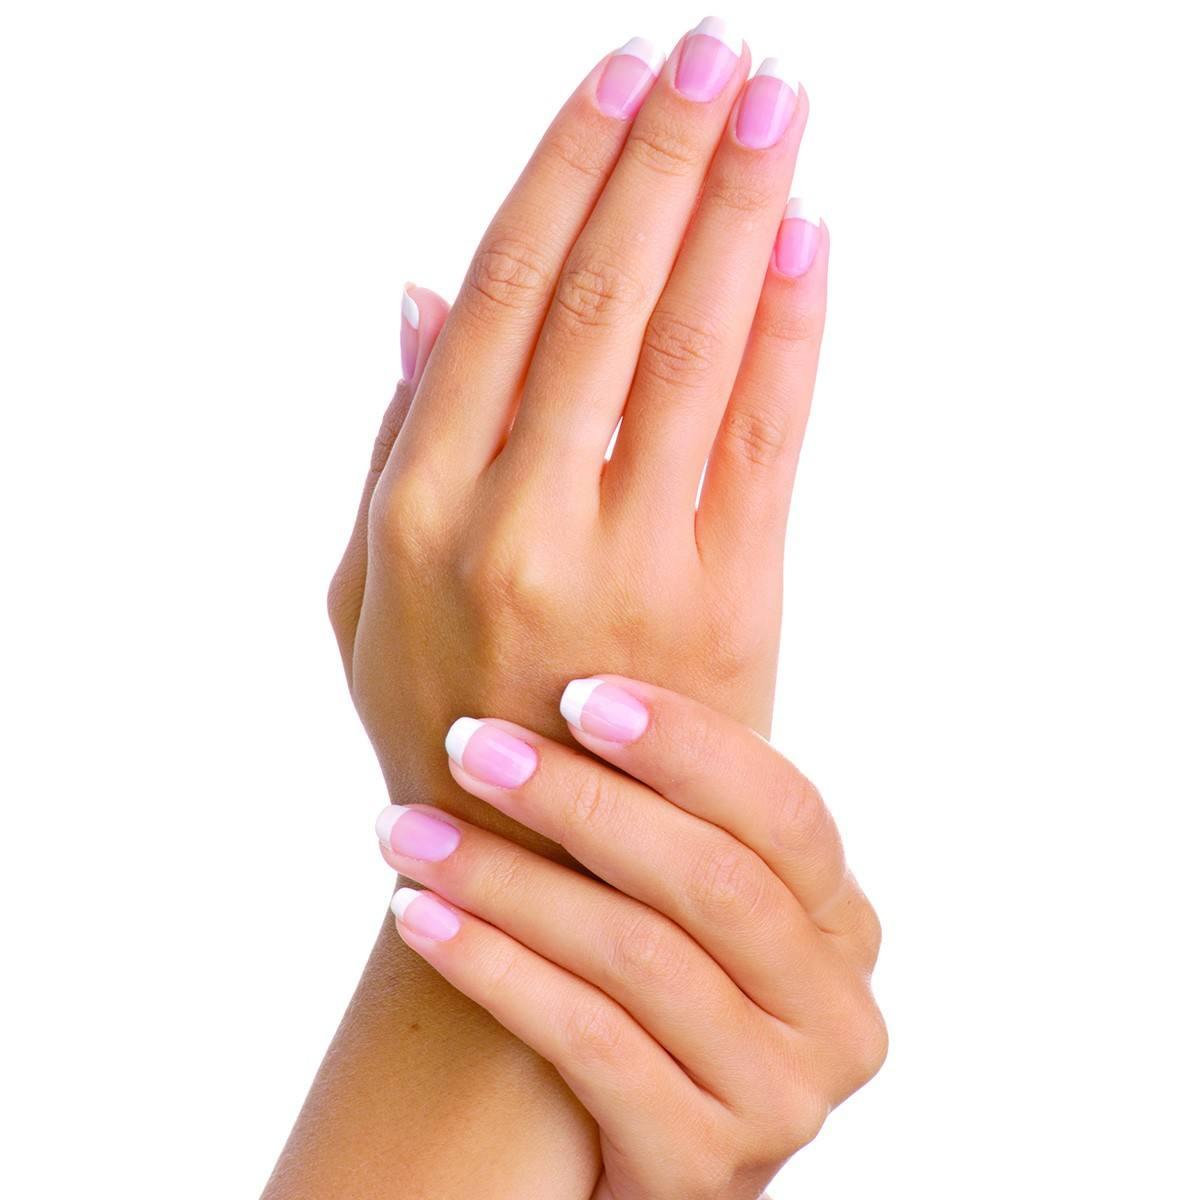 картинки с ногтями красивыми на руках без фона отличии современных большим